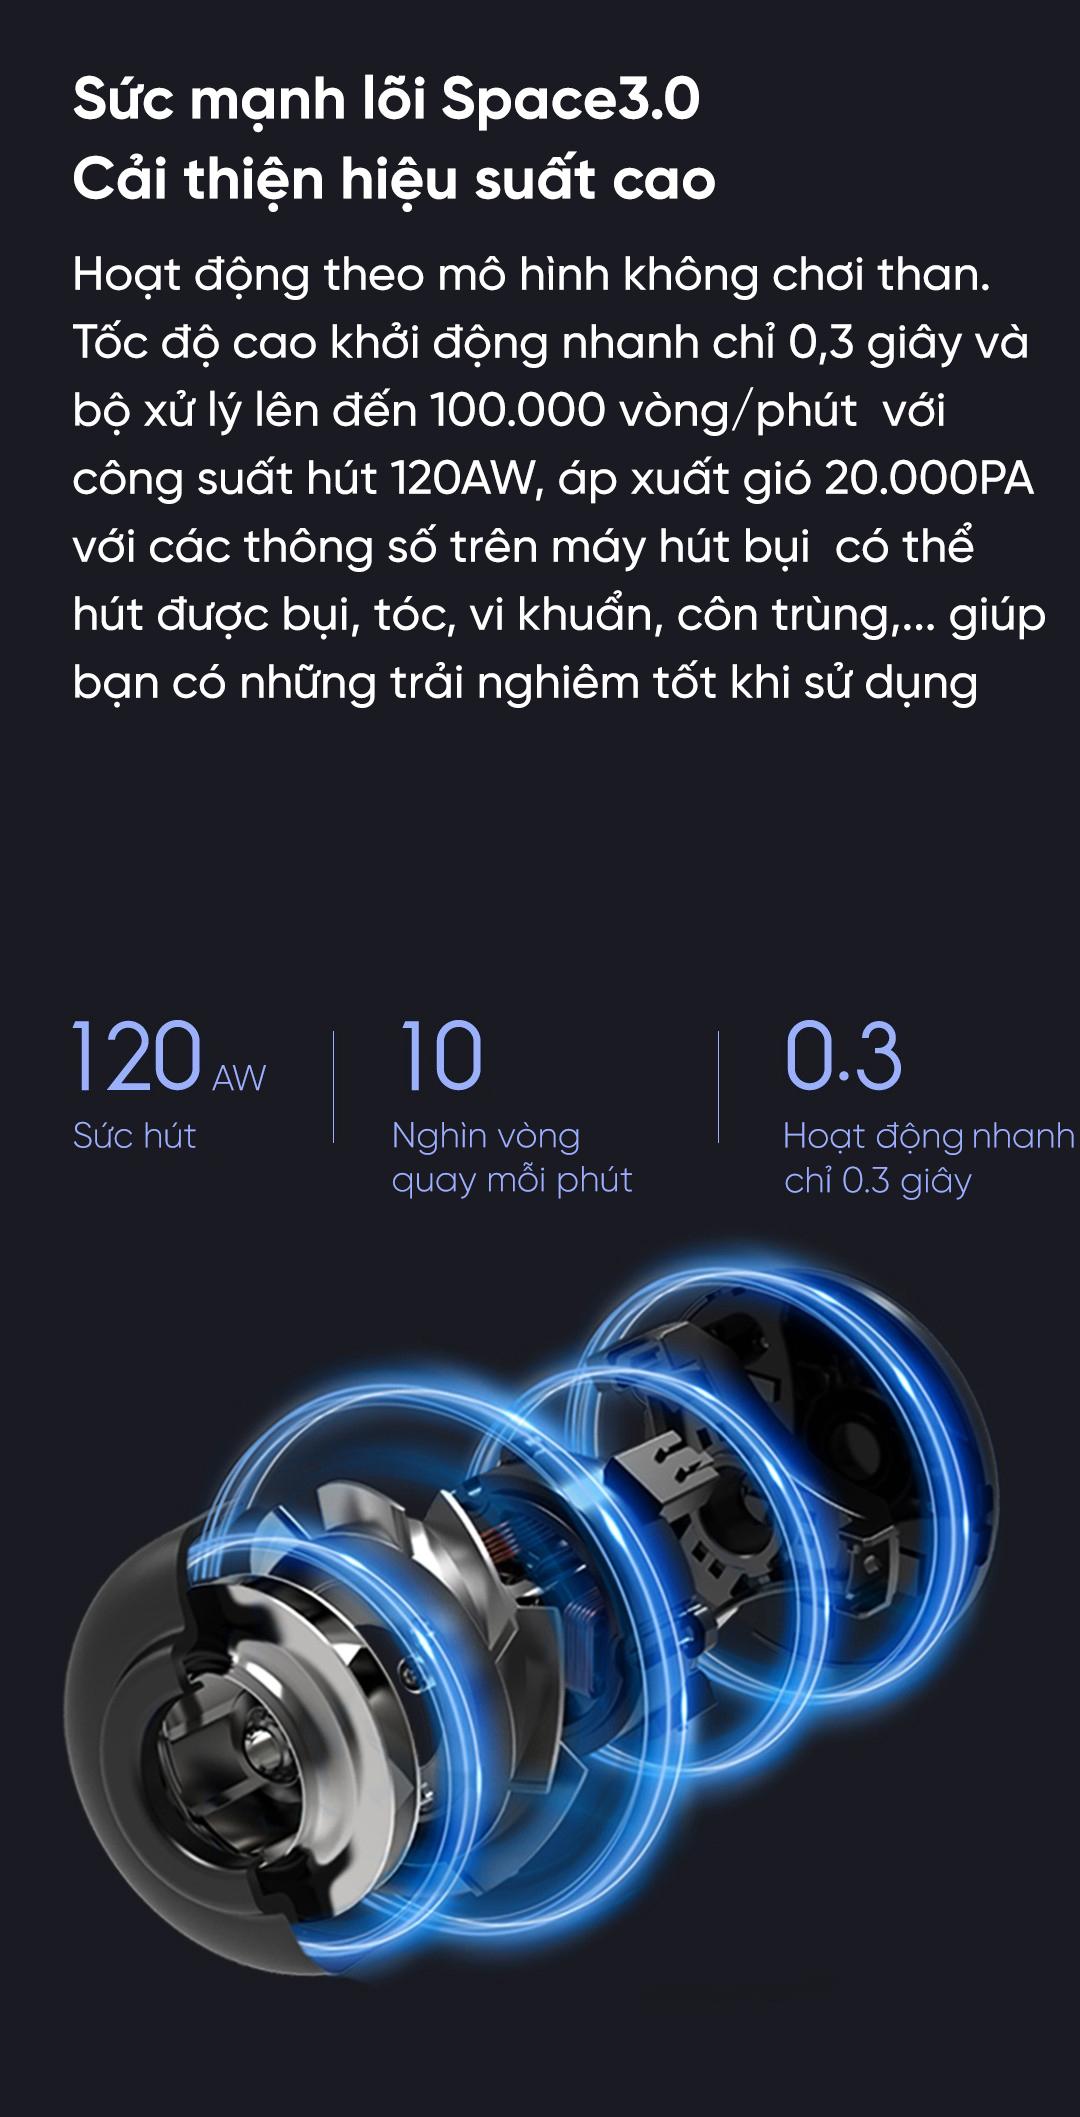 may-hut-bui-khong-day-chasing-v9-03 copy